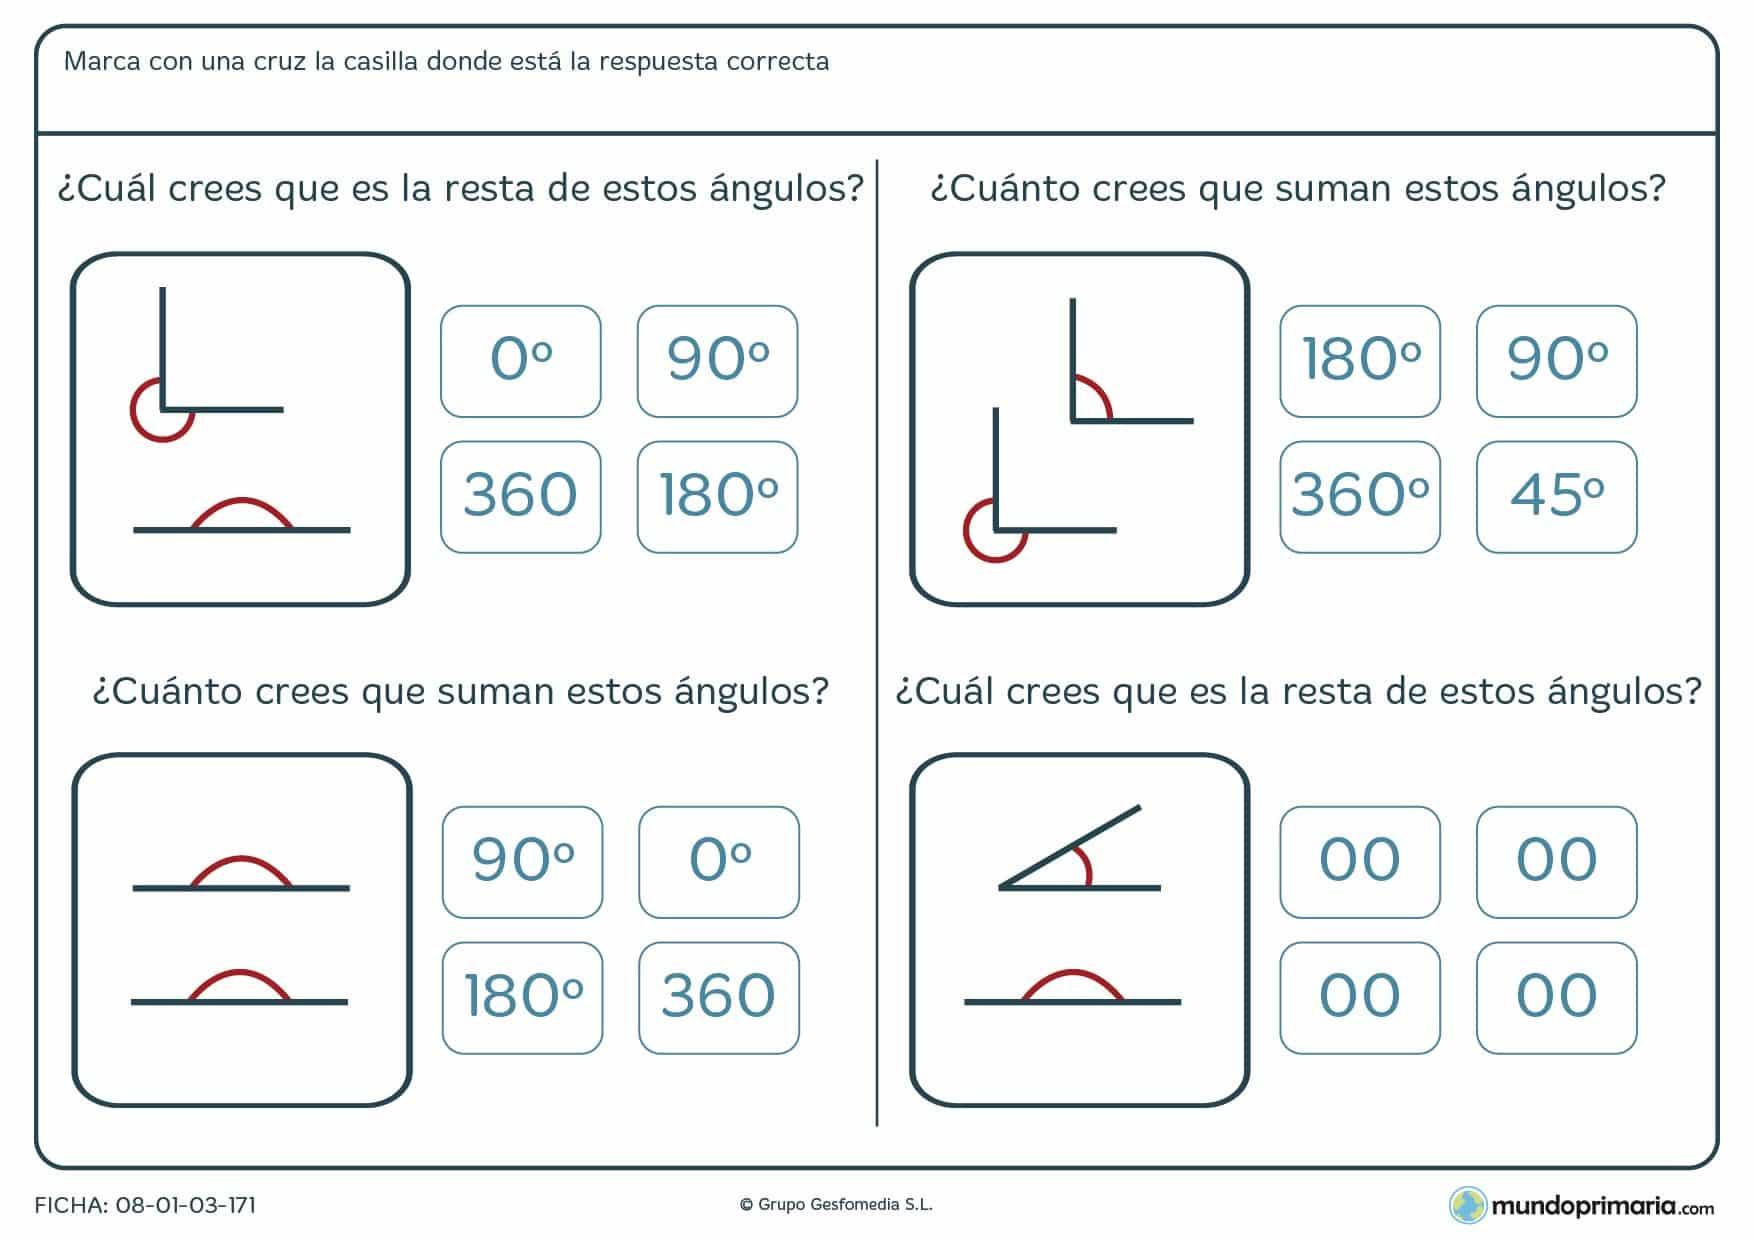 Resta o suma los ángulos mostrados en cada uno de los ejercicios atendiendo a los enunciados correspondientes.